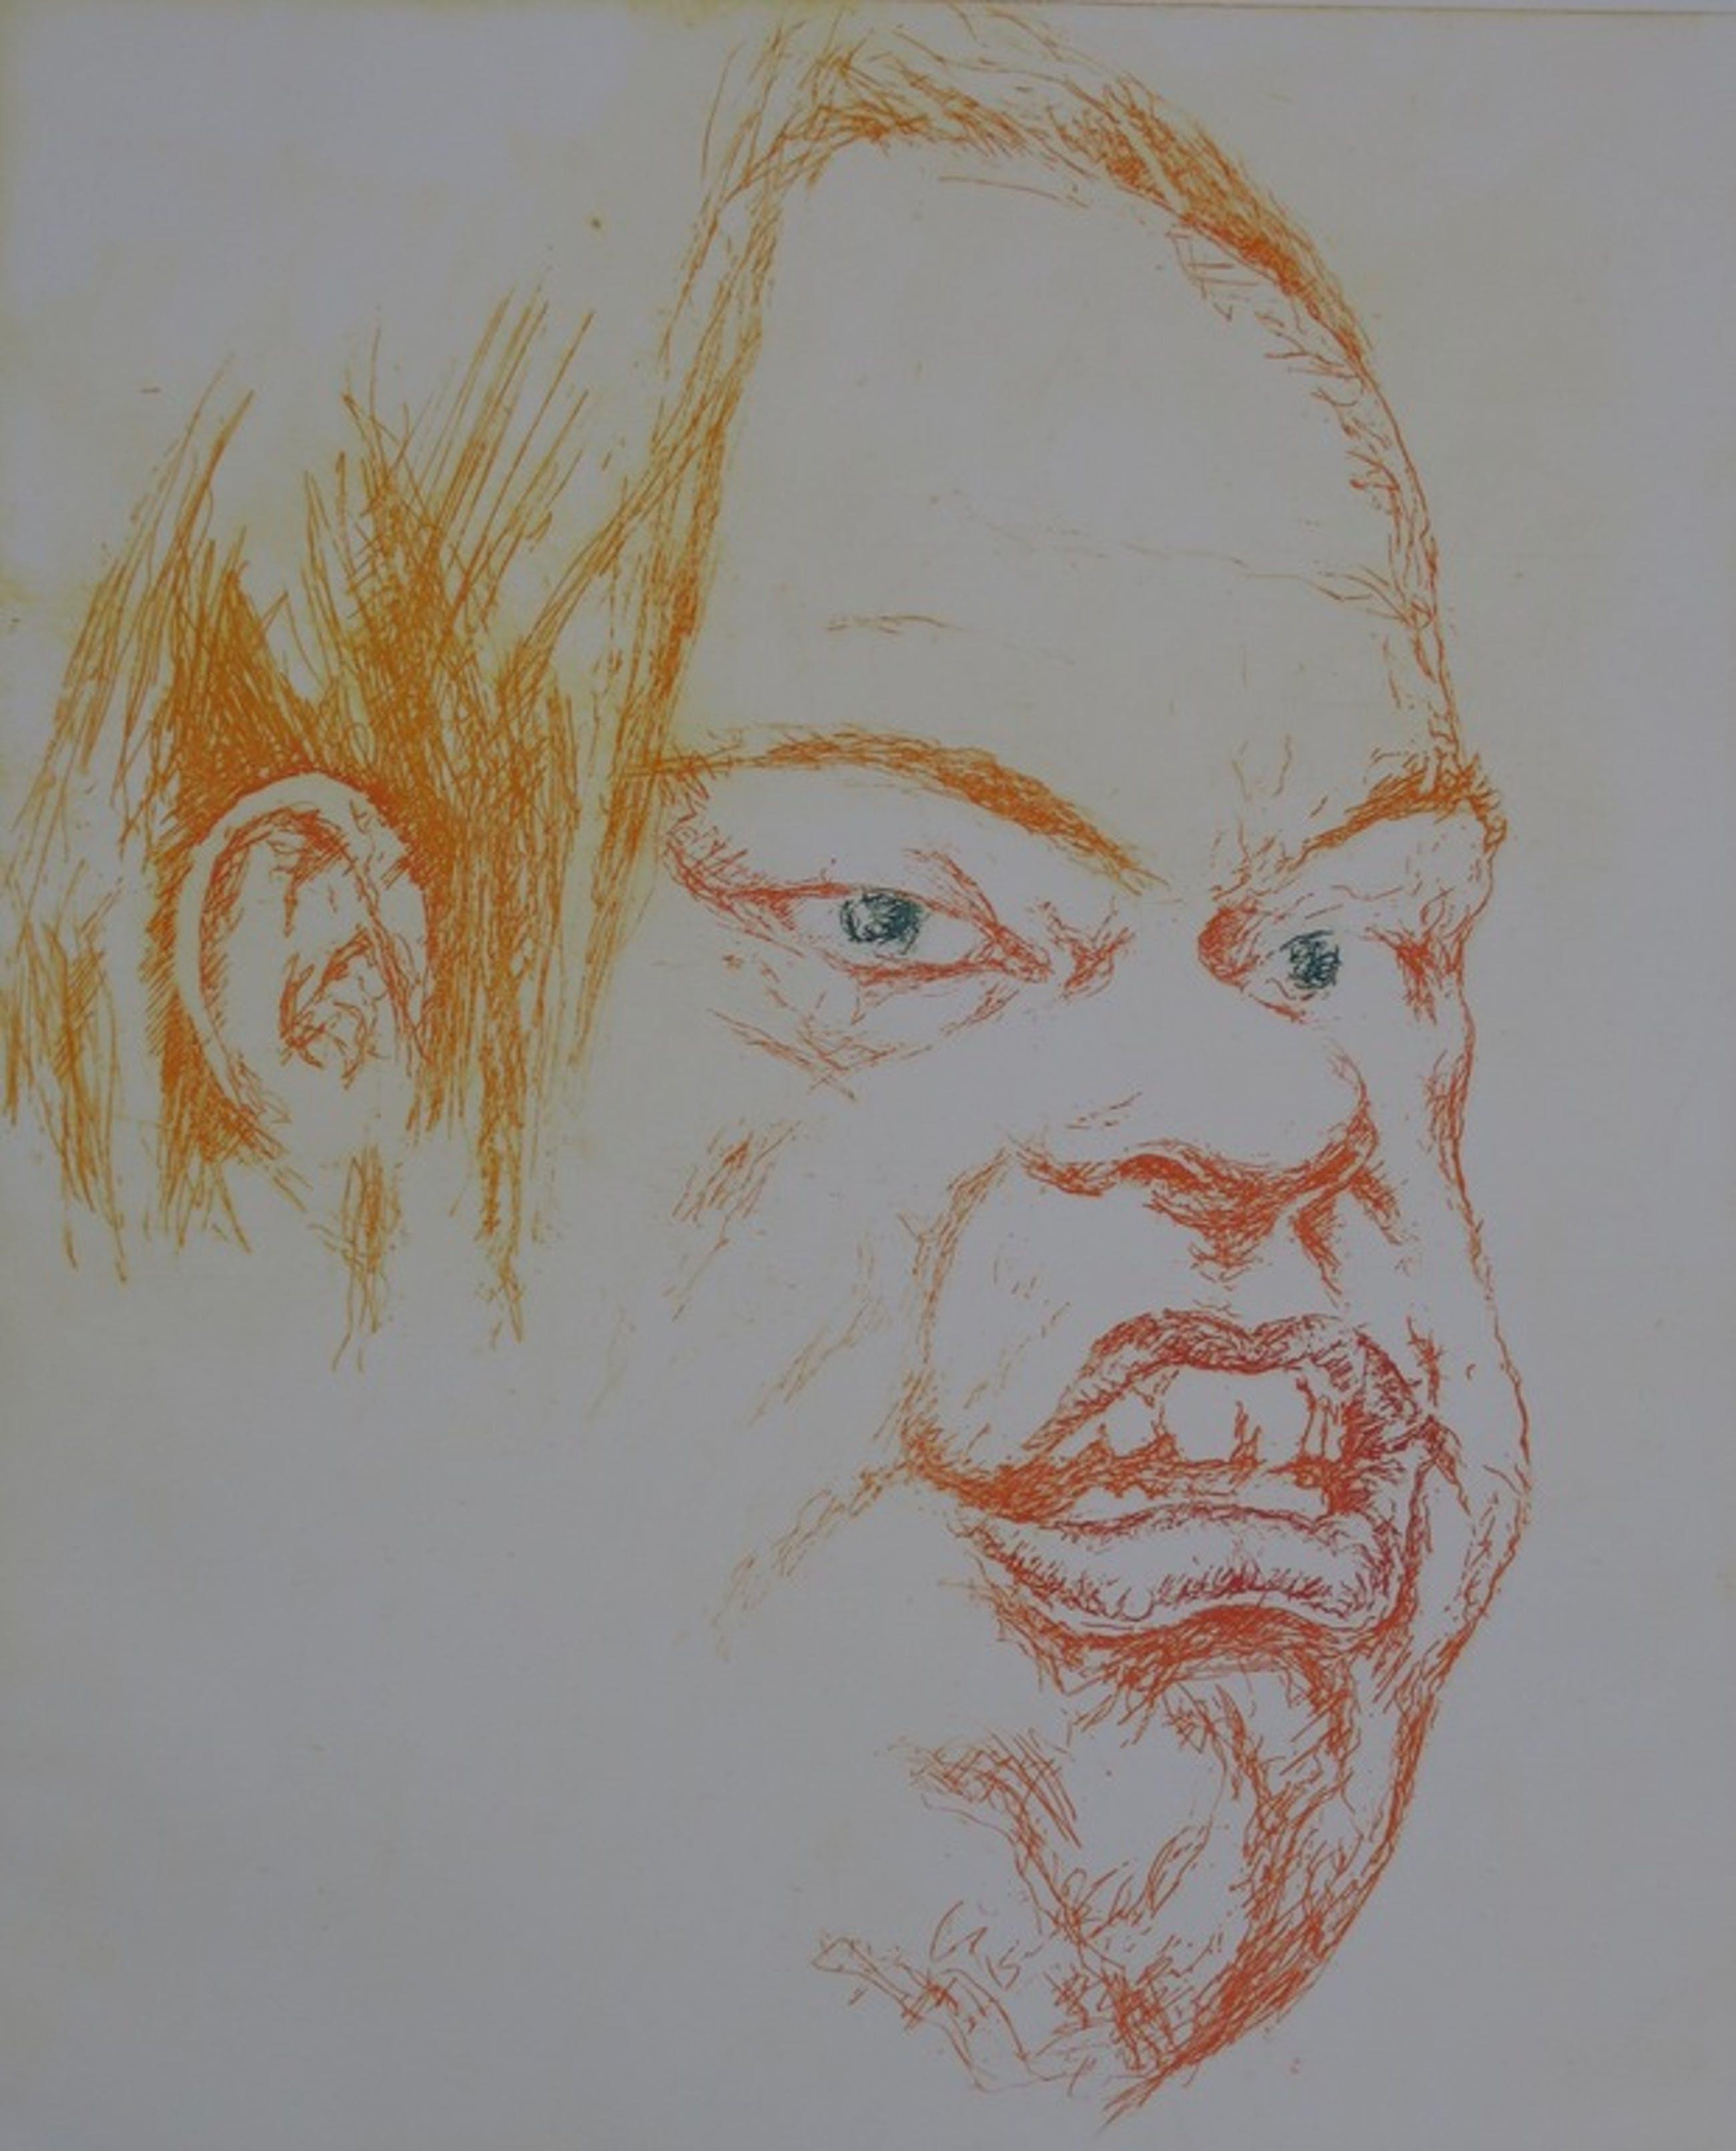 Herman Gordijn: Droge naald, Portret van man met groene ogen kopen? Bied vanaf 30!